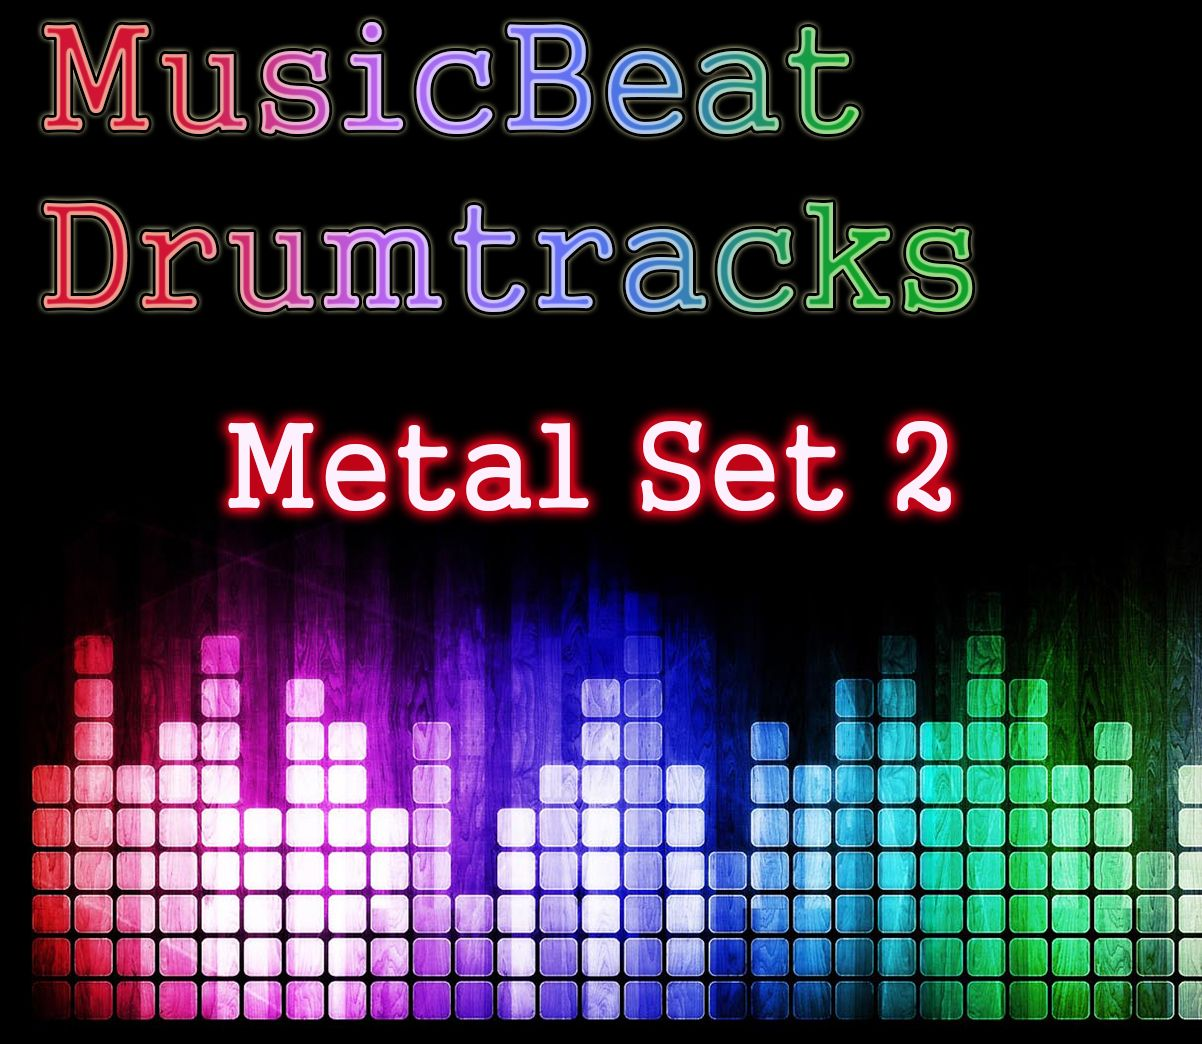 Metal Set 2